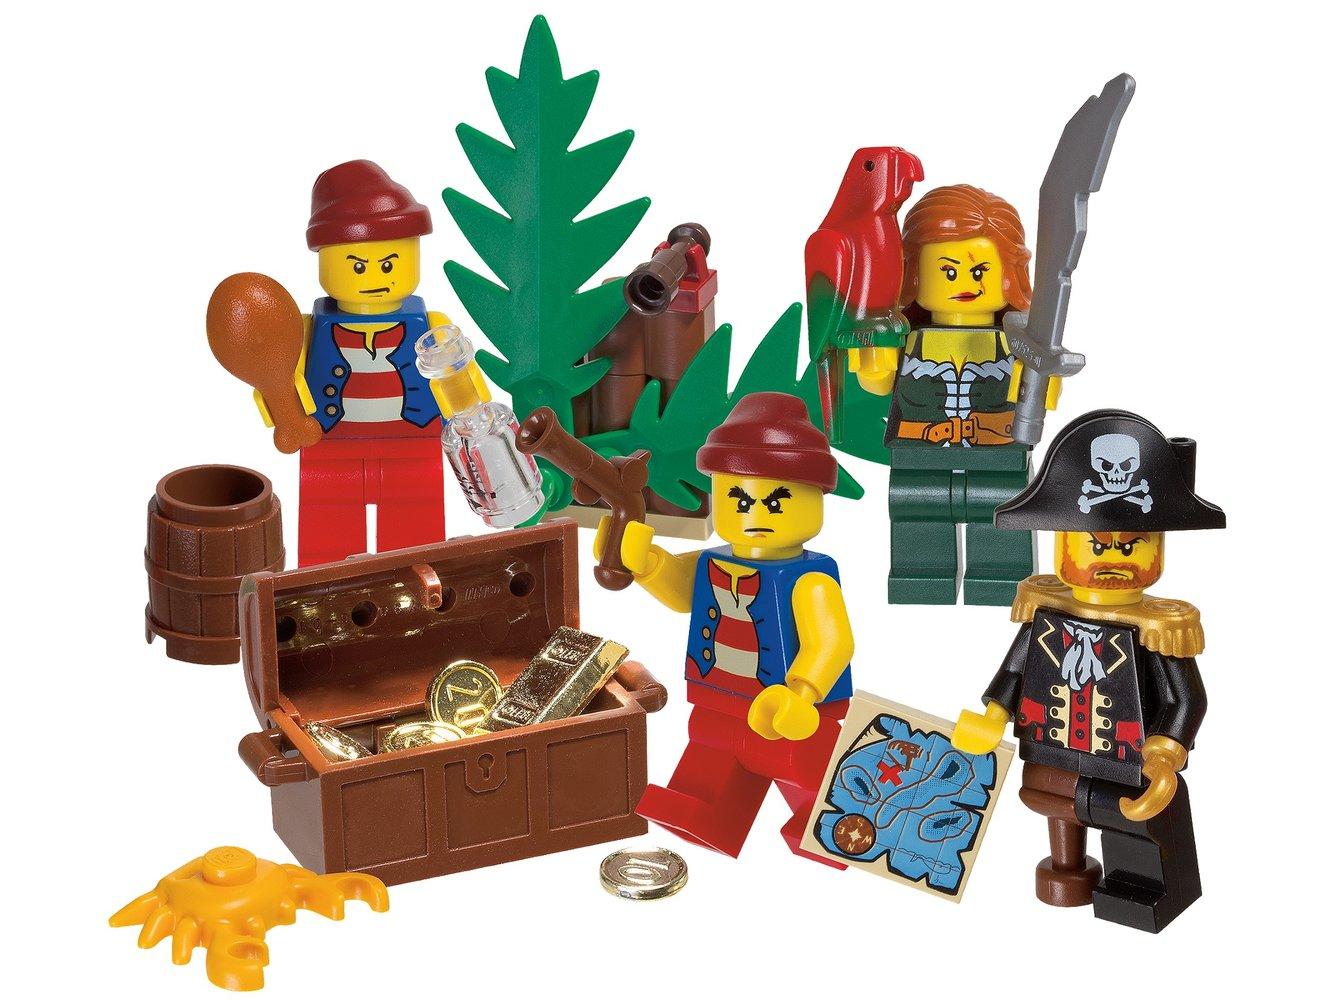 Classic Pirate Set